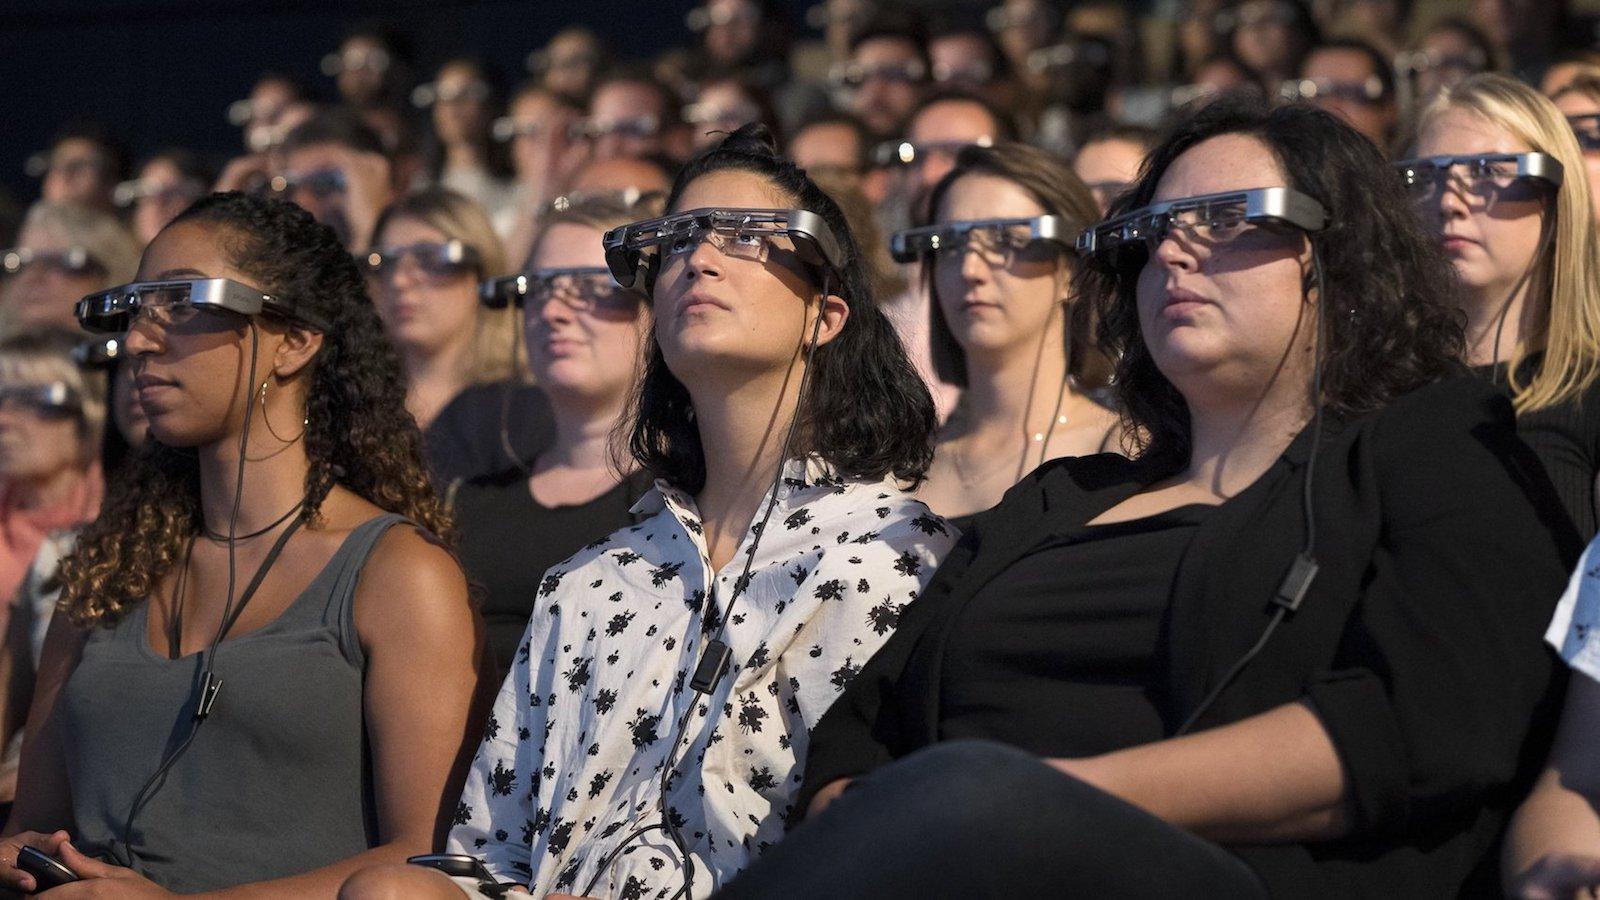 Chytré brýle zobrazují v reálném čase titulky během divadelního představení